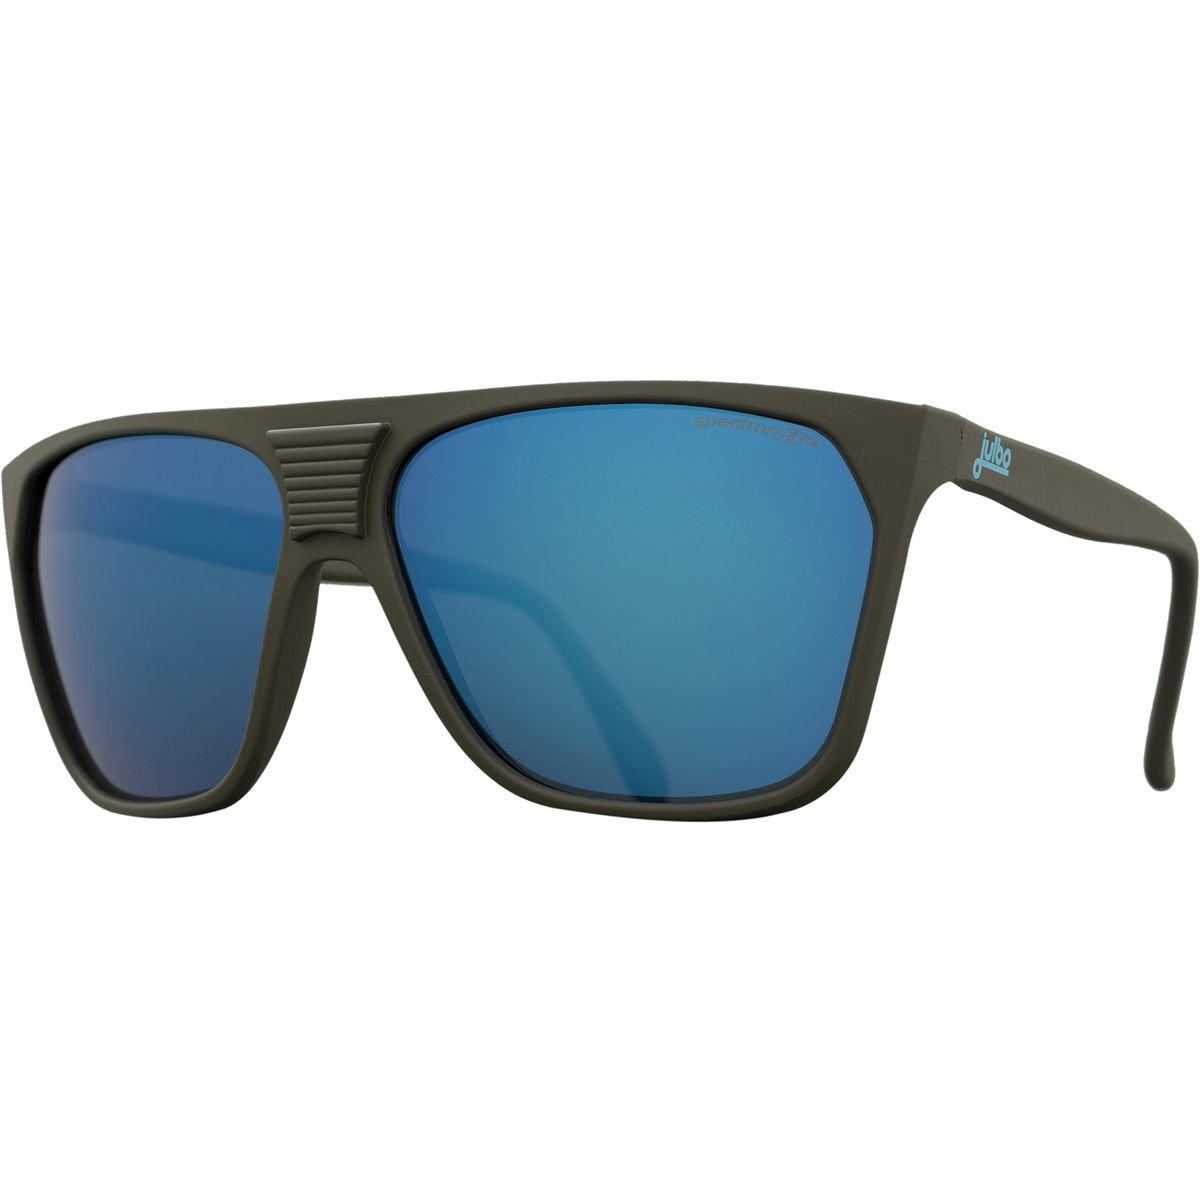 Julbo Cortina Gafas de Sol Hombre, Army/Azul